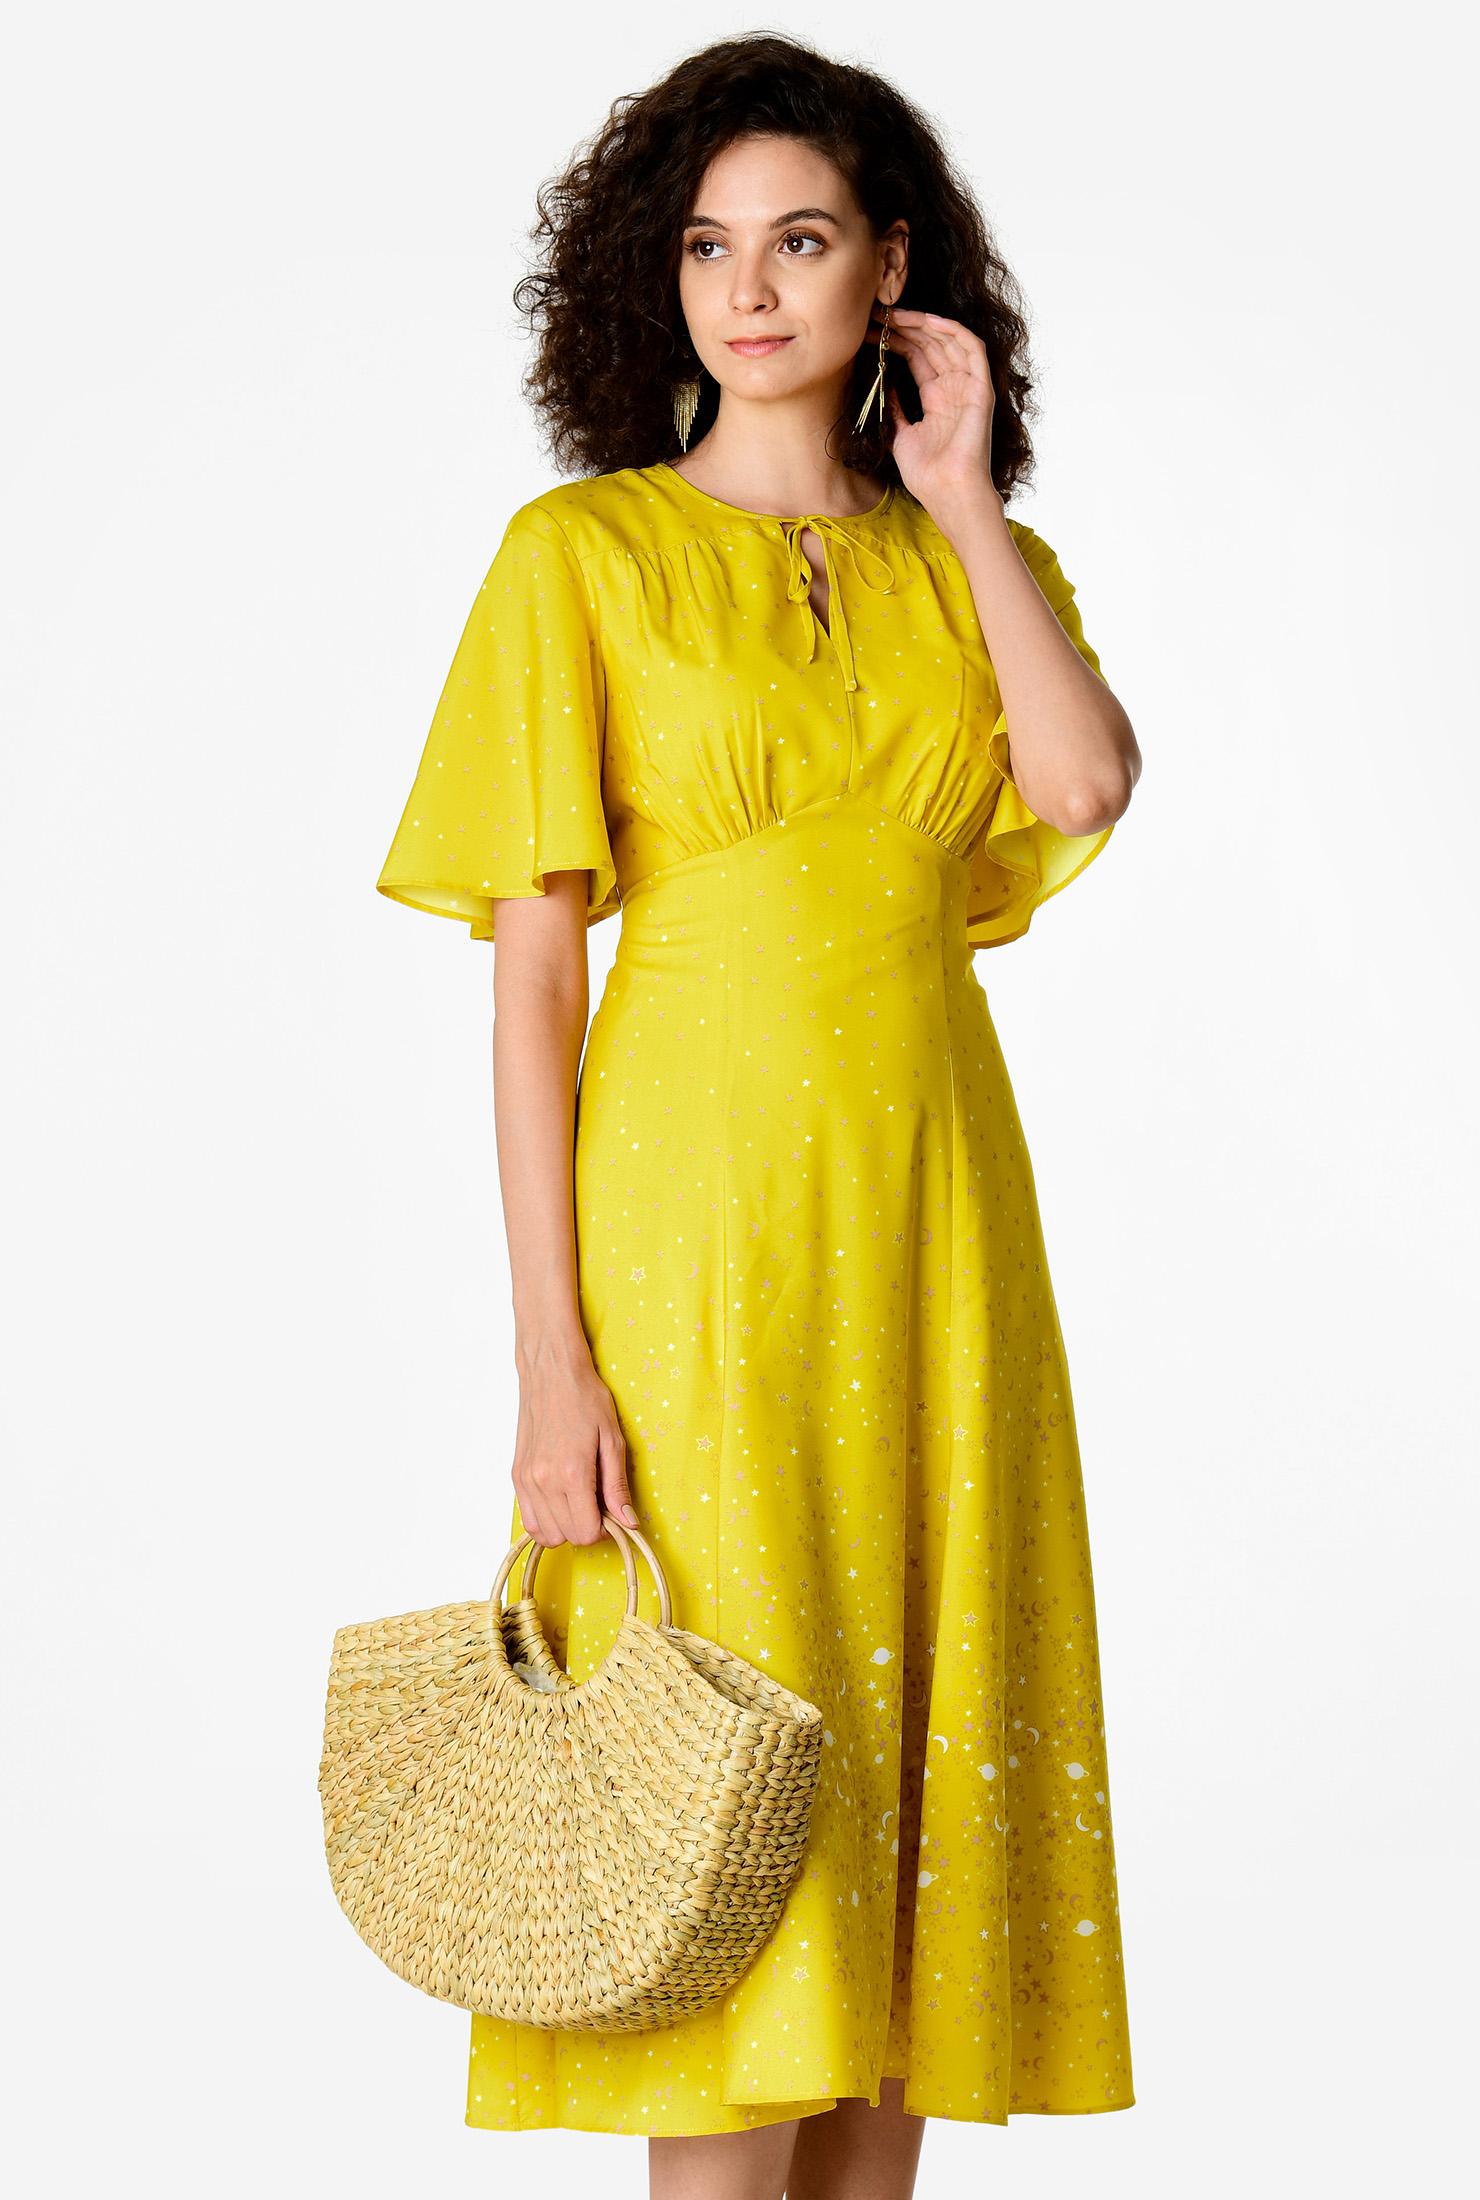 1930s Day Dresses, Tea Dresses, House Dresses Flutter sleeve star print crepe empire dress $79.95 AT vintagedancer.com